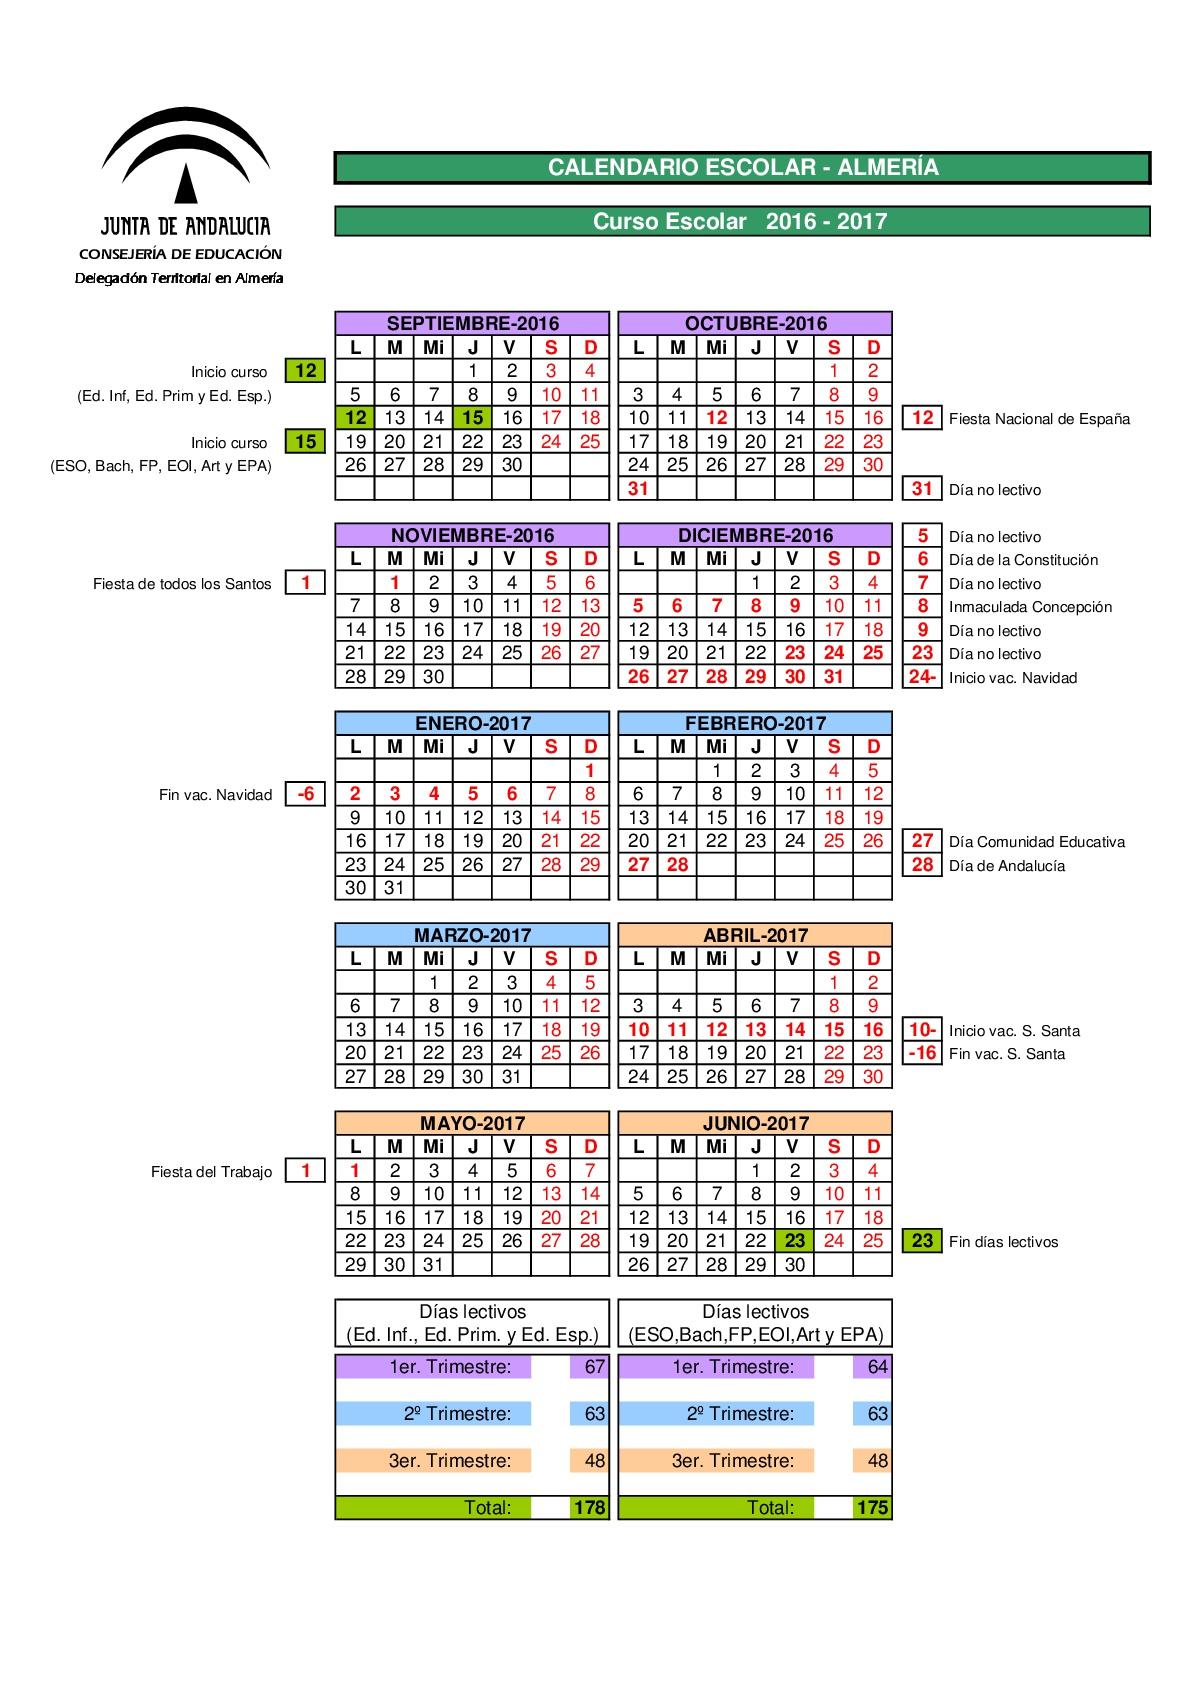 Calendario escolares 2016-2017 Almería - Imagenes Educativas